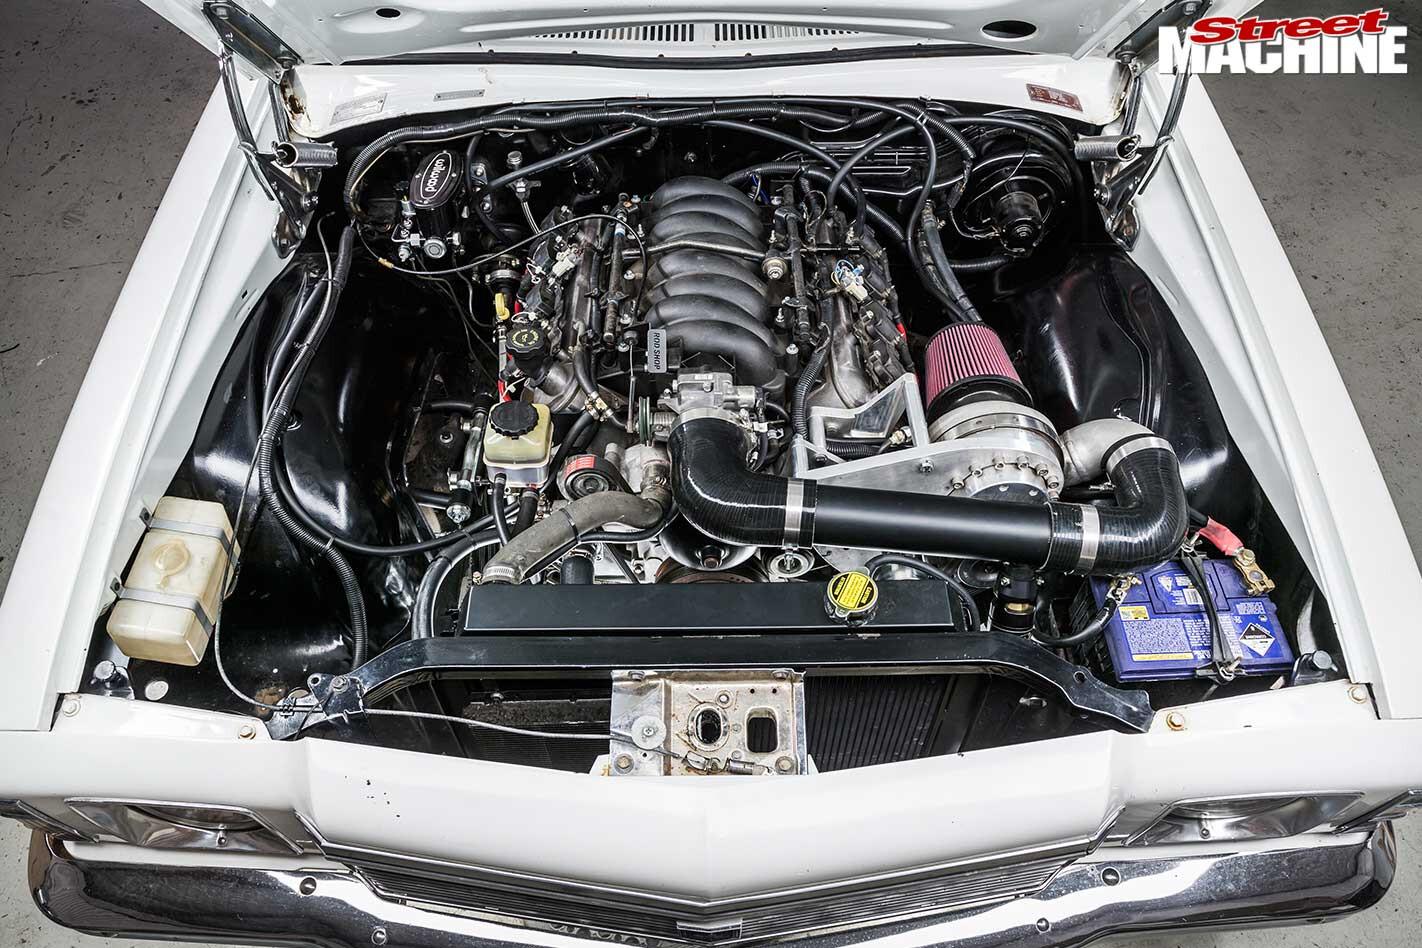 Holden HJ Kingswood engine bay